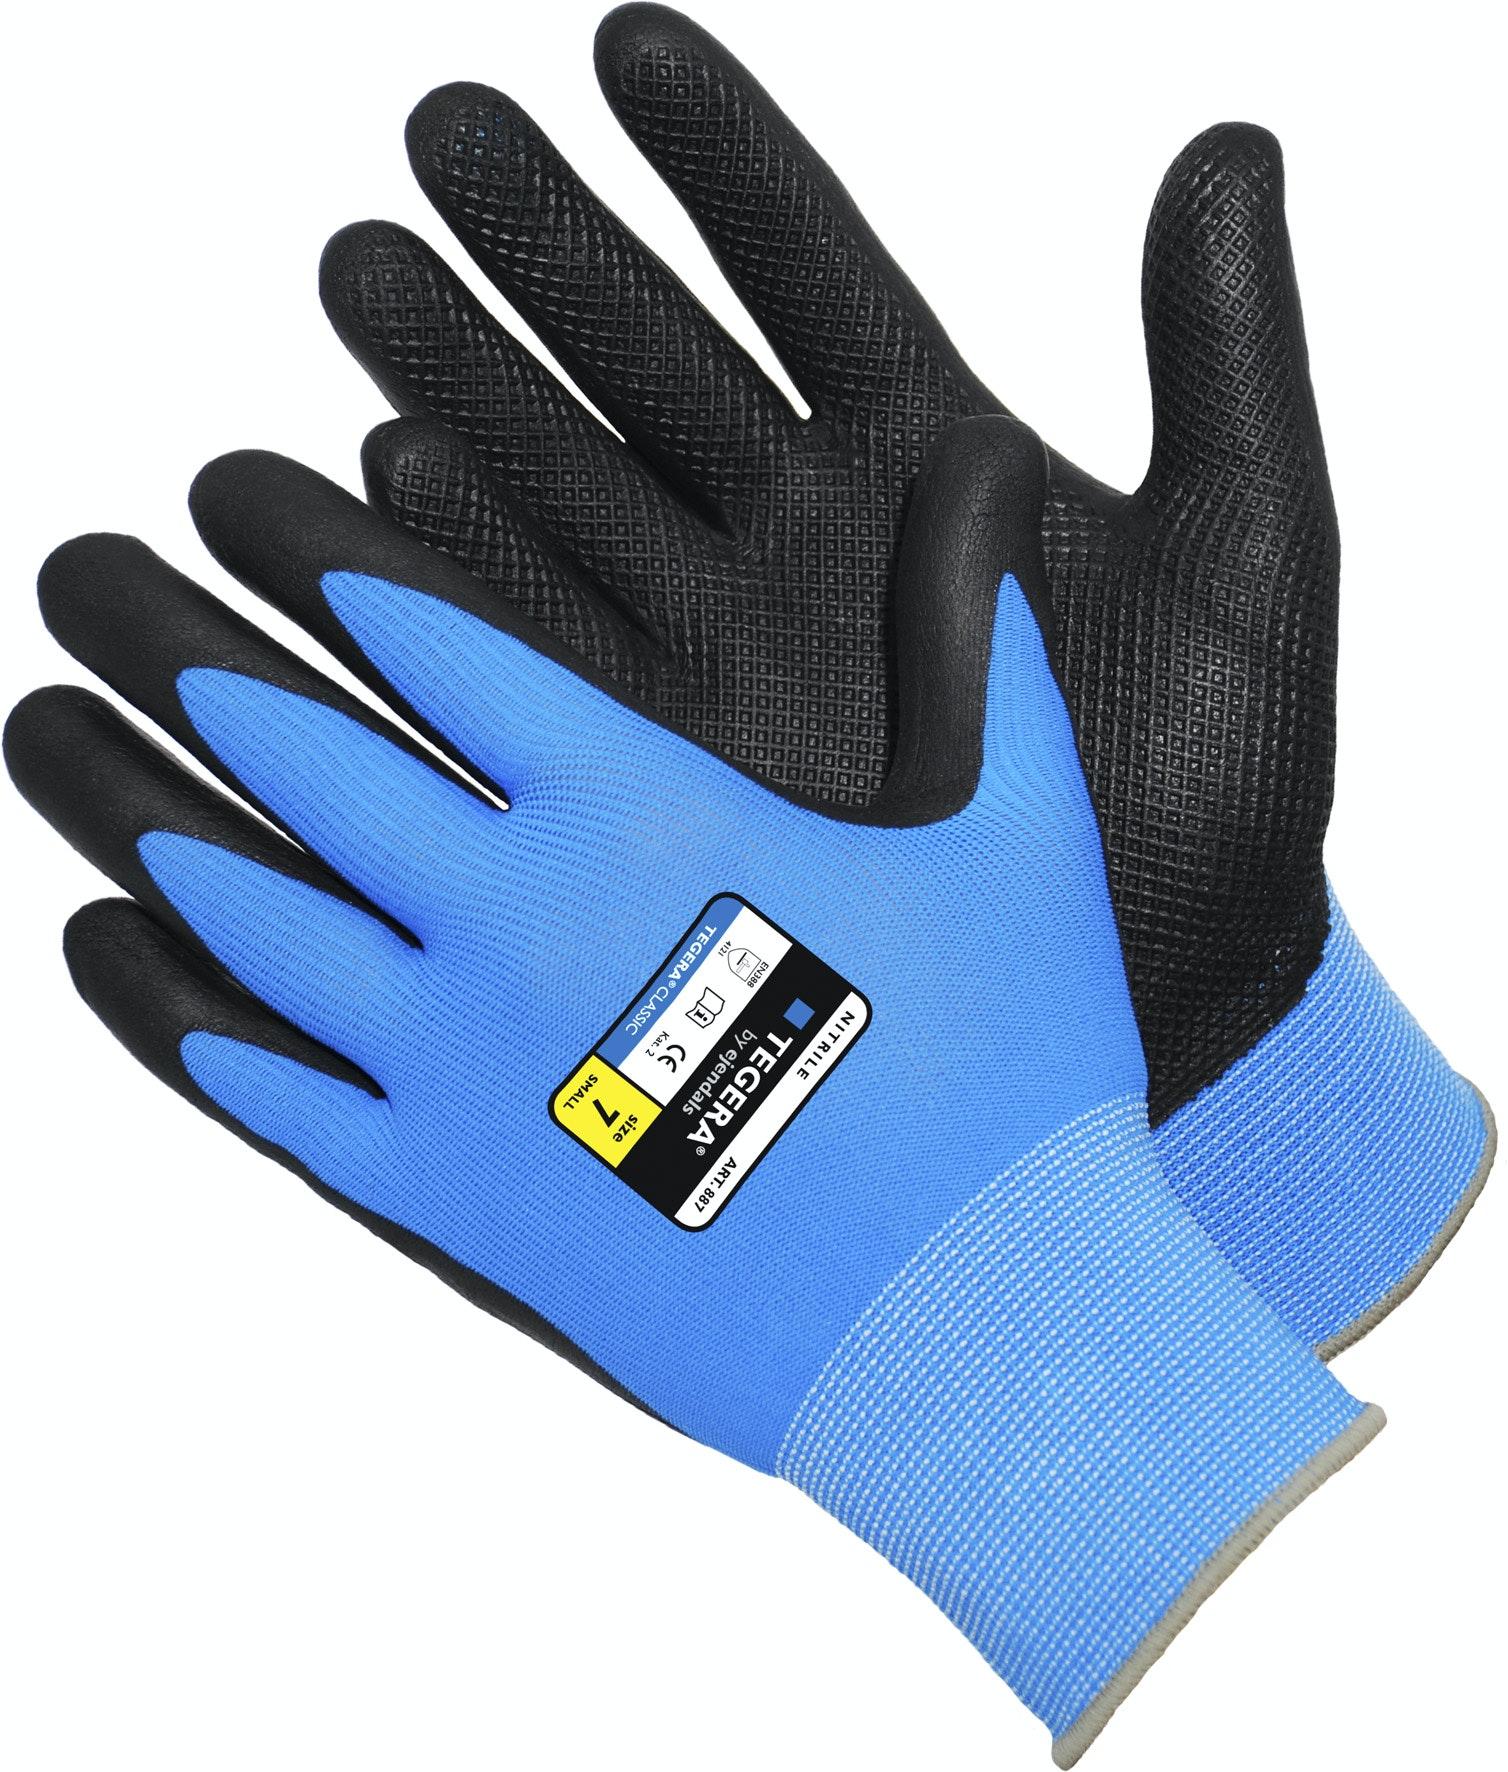 Handske Tegera Nitril 887 STL 8